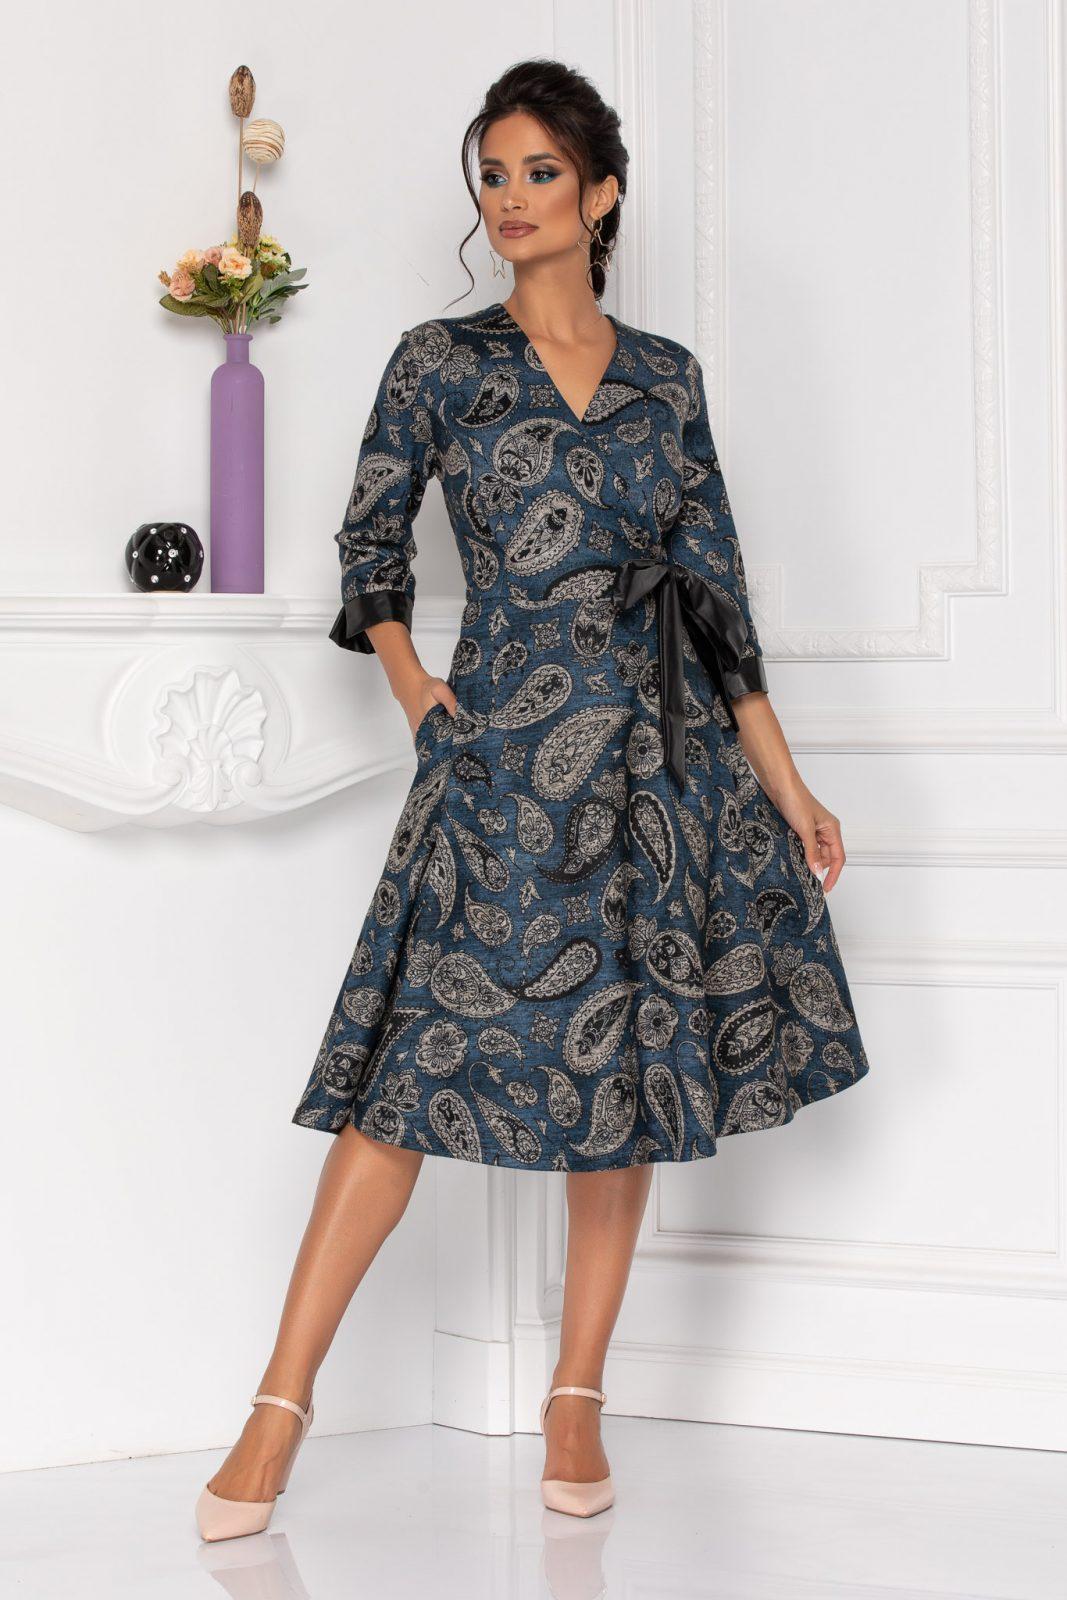 Μίντι Μπλε Φόρεμα Με Φιόγκο Priya 8411